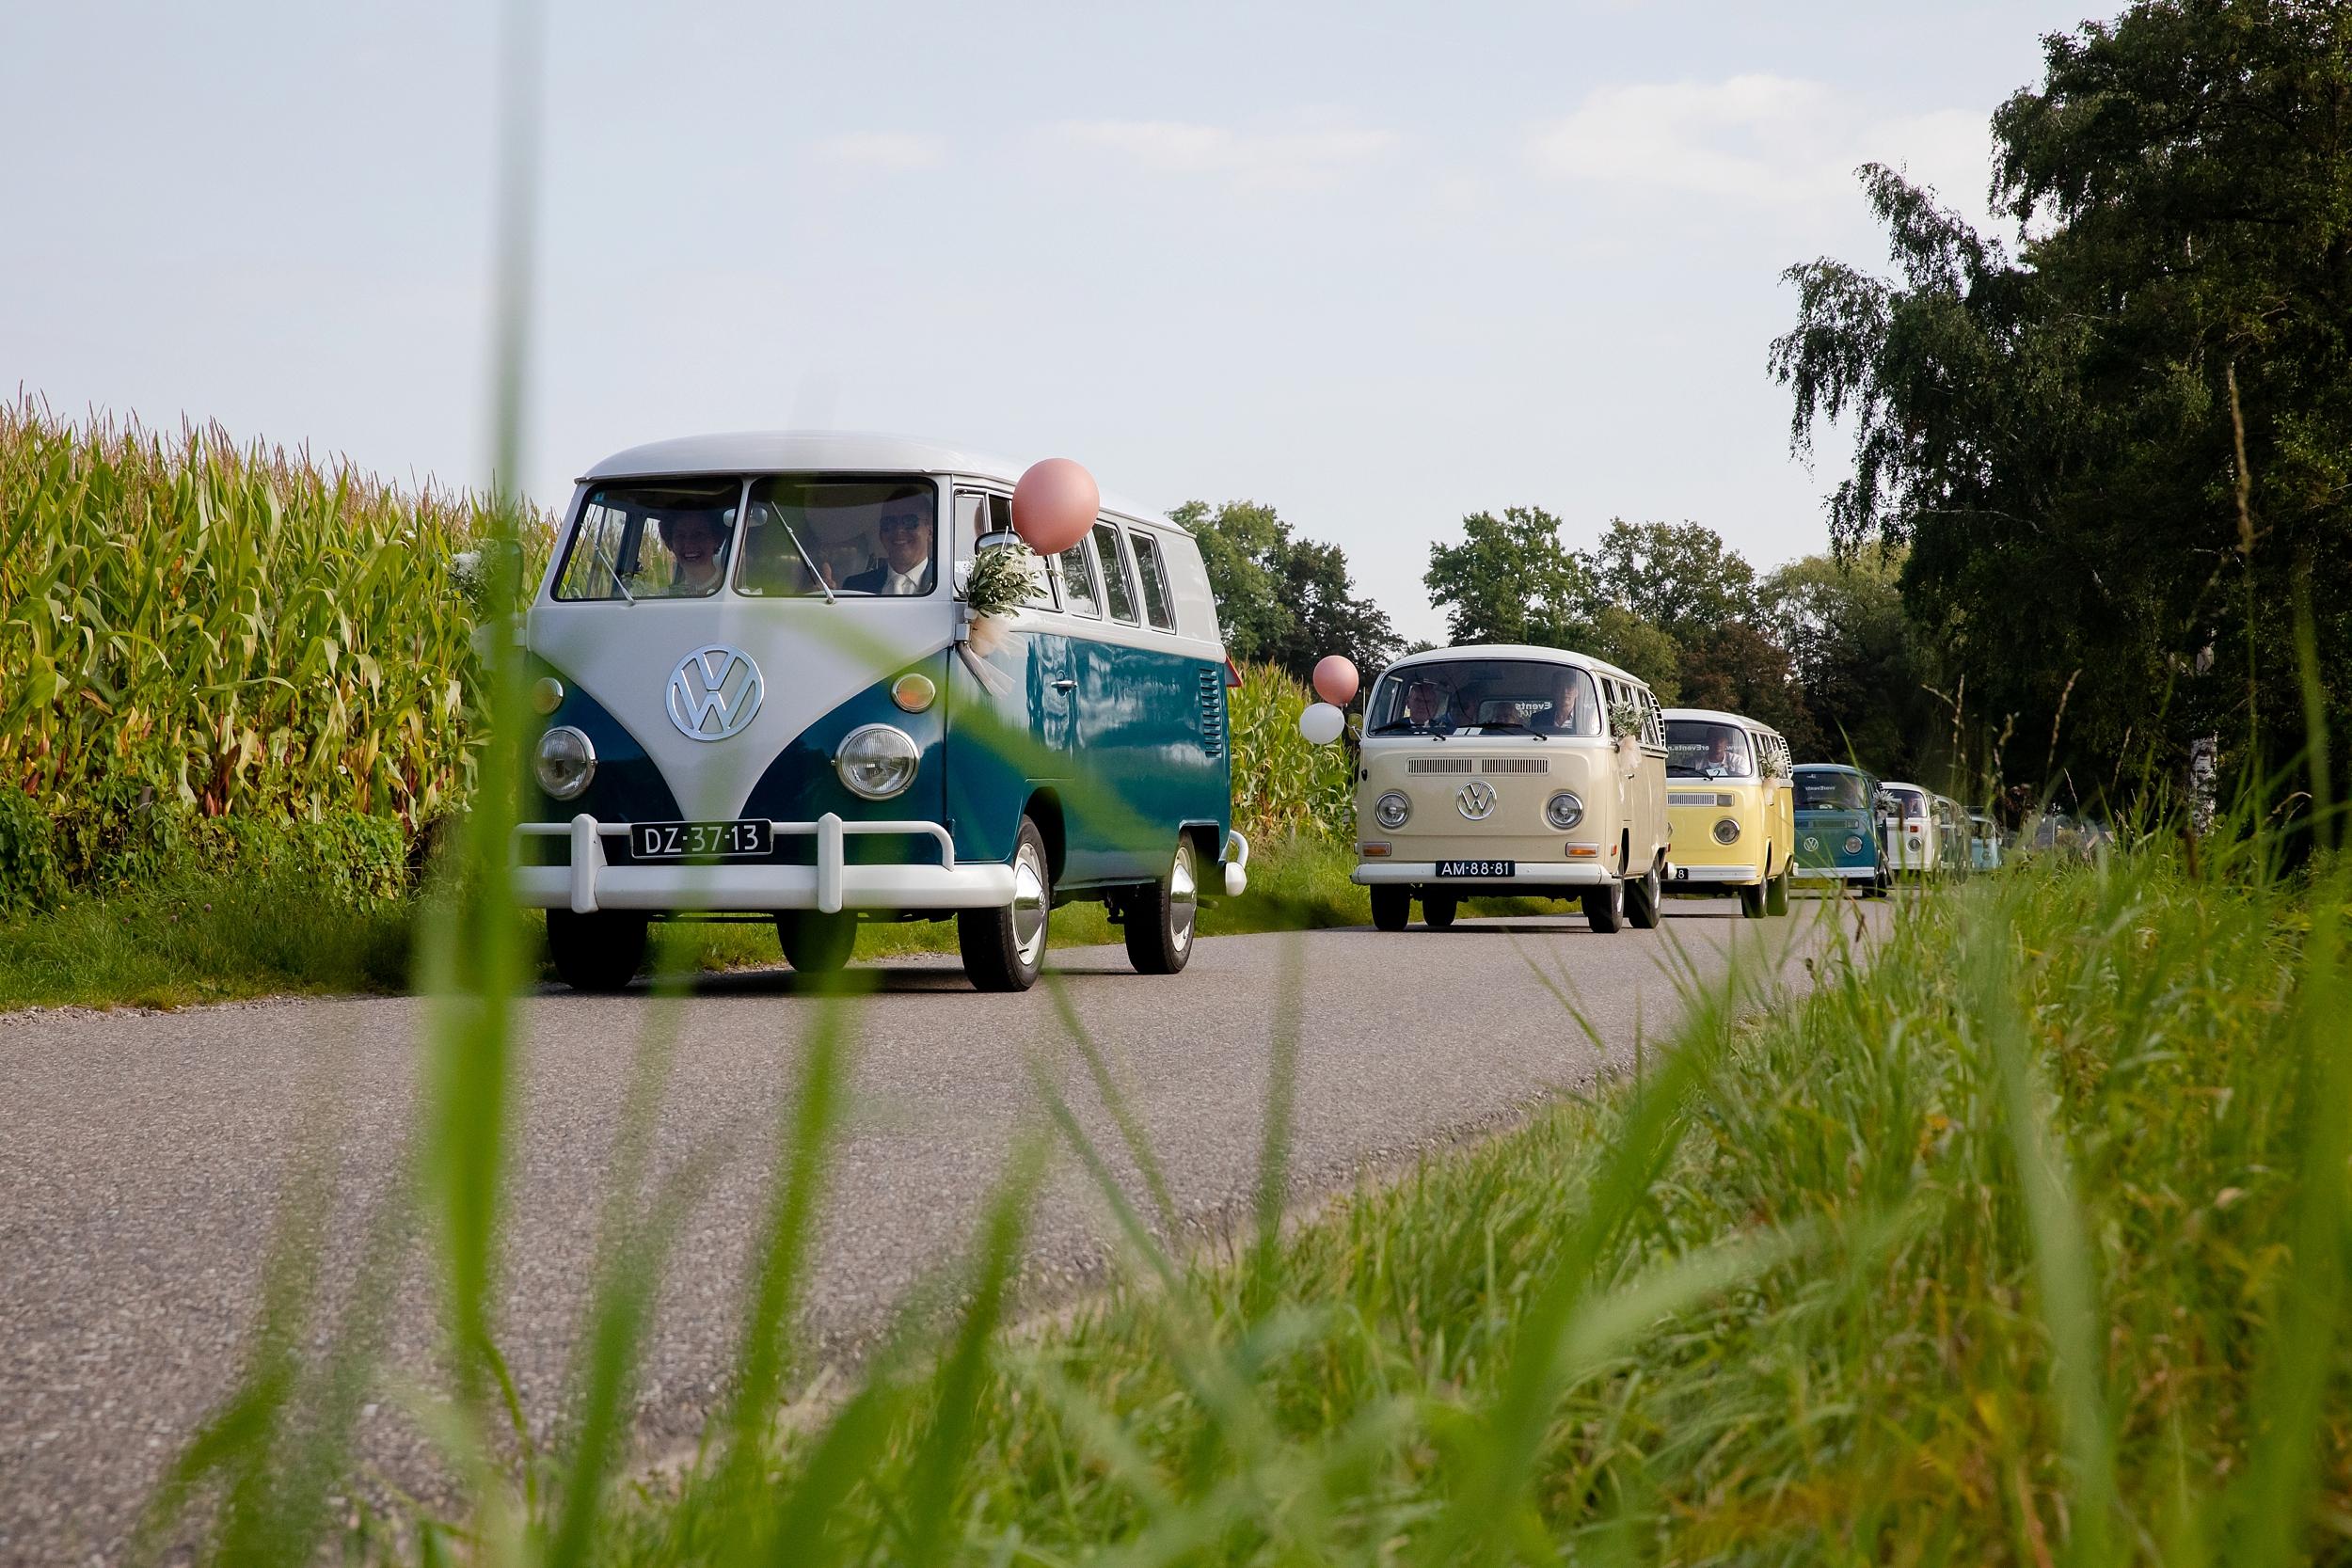 Vanuit Kootwijkerbroek rijden acht geweldige volkswagenbusjes naar Lunteren: een stoet waar je vrolijk van wordt! En dat merk je ook aan voorbijgangers: ze gaan vanzelf lachen als ze deze kleurrijke optocht zien!